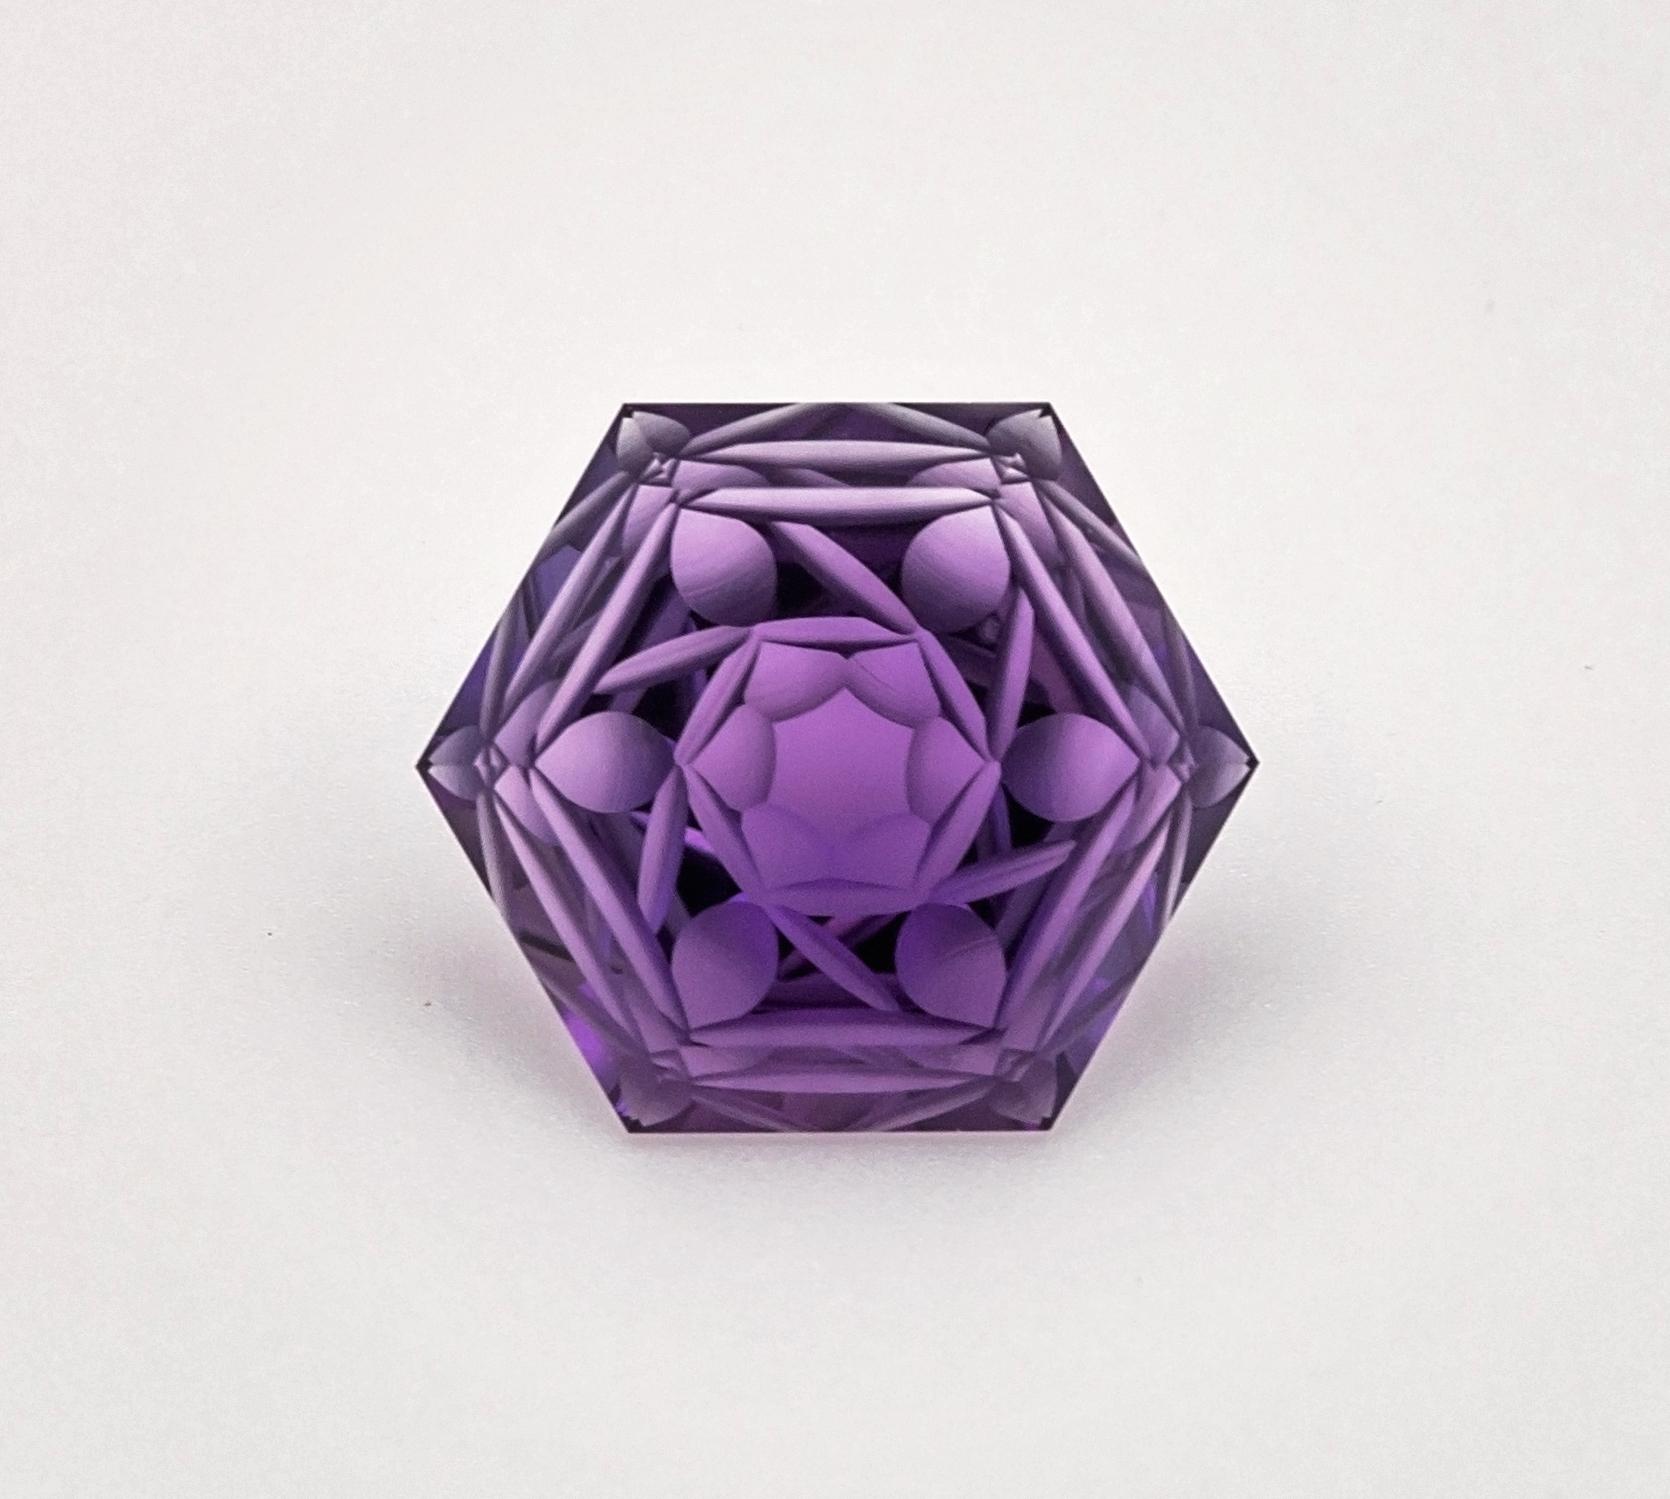 amethyst gemstone - photo #35